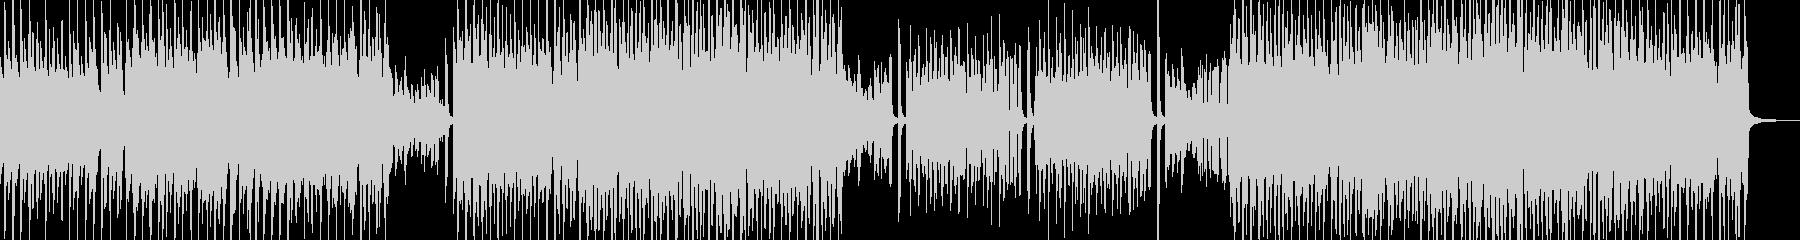 アイディア紹介動画・スィングポップ Hの未再生の波形